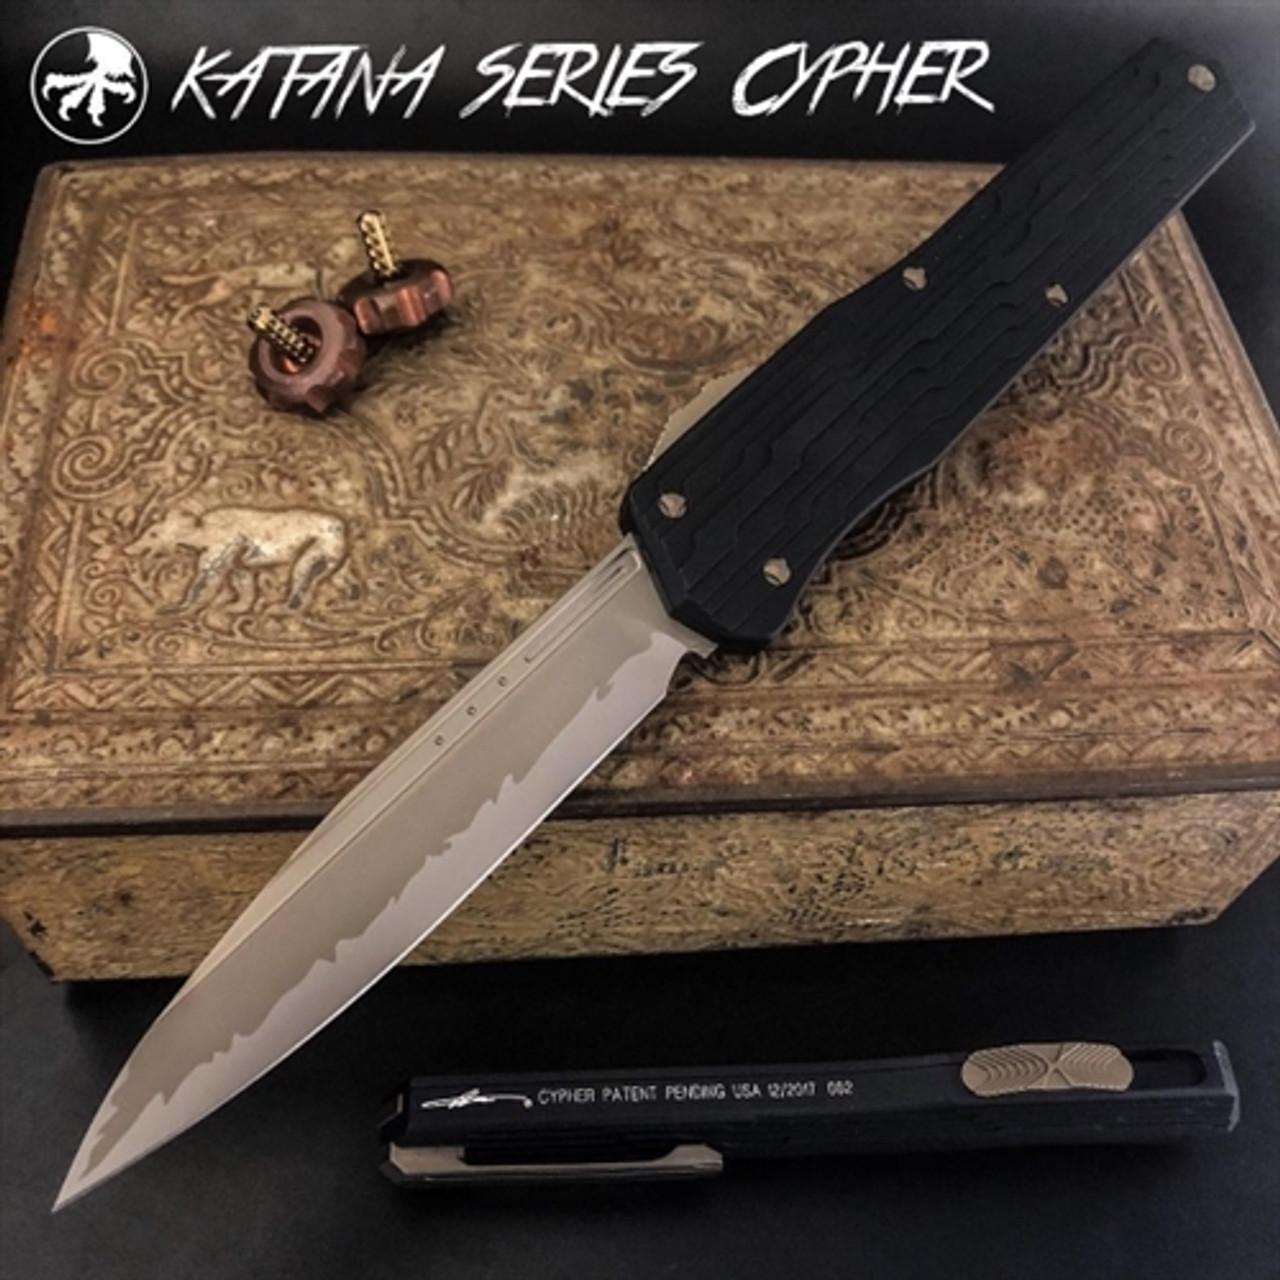 Microtech 241-13KA Katana Cypher S/E OTF Auto Knife, Bronze Blade